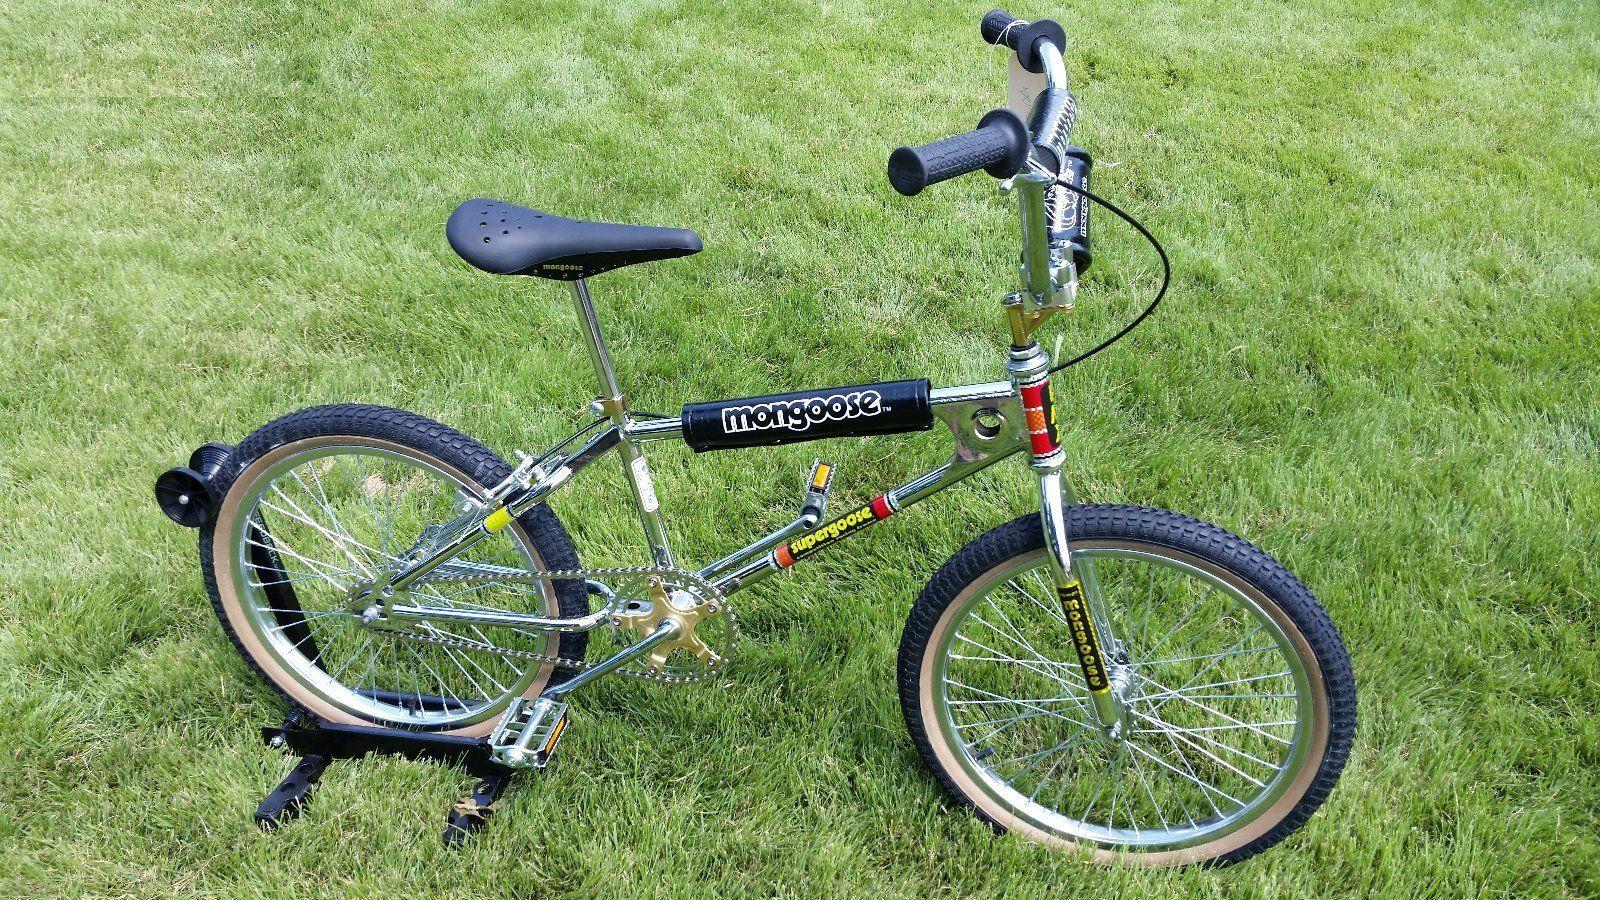 mongoose マングース の自転車 サイクリング 自転車 海外